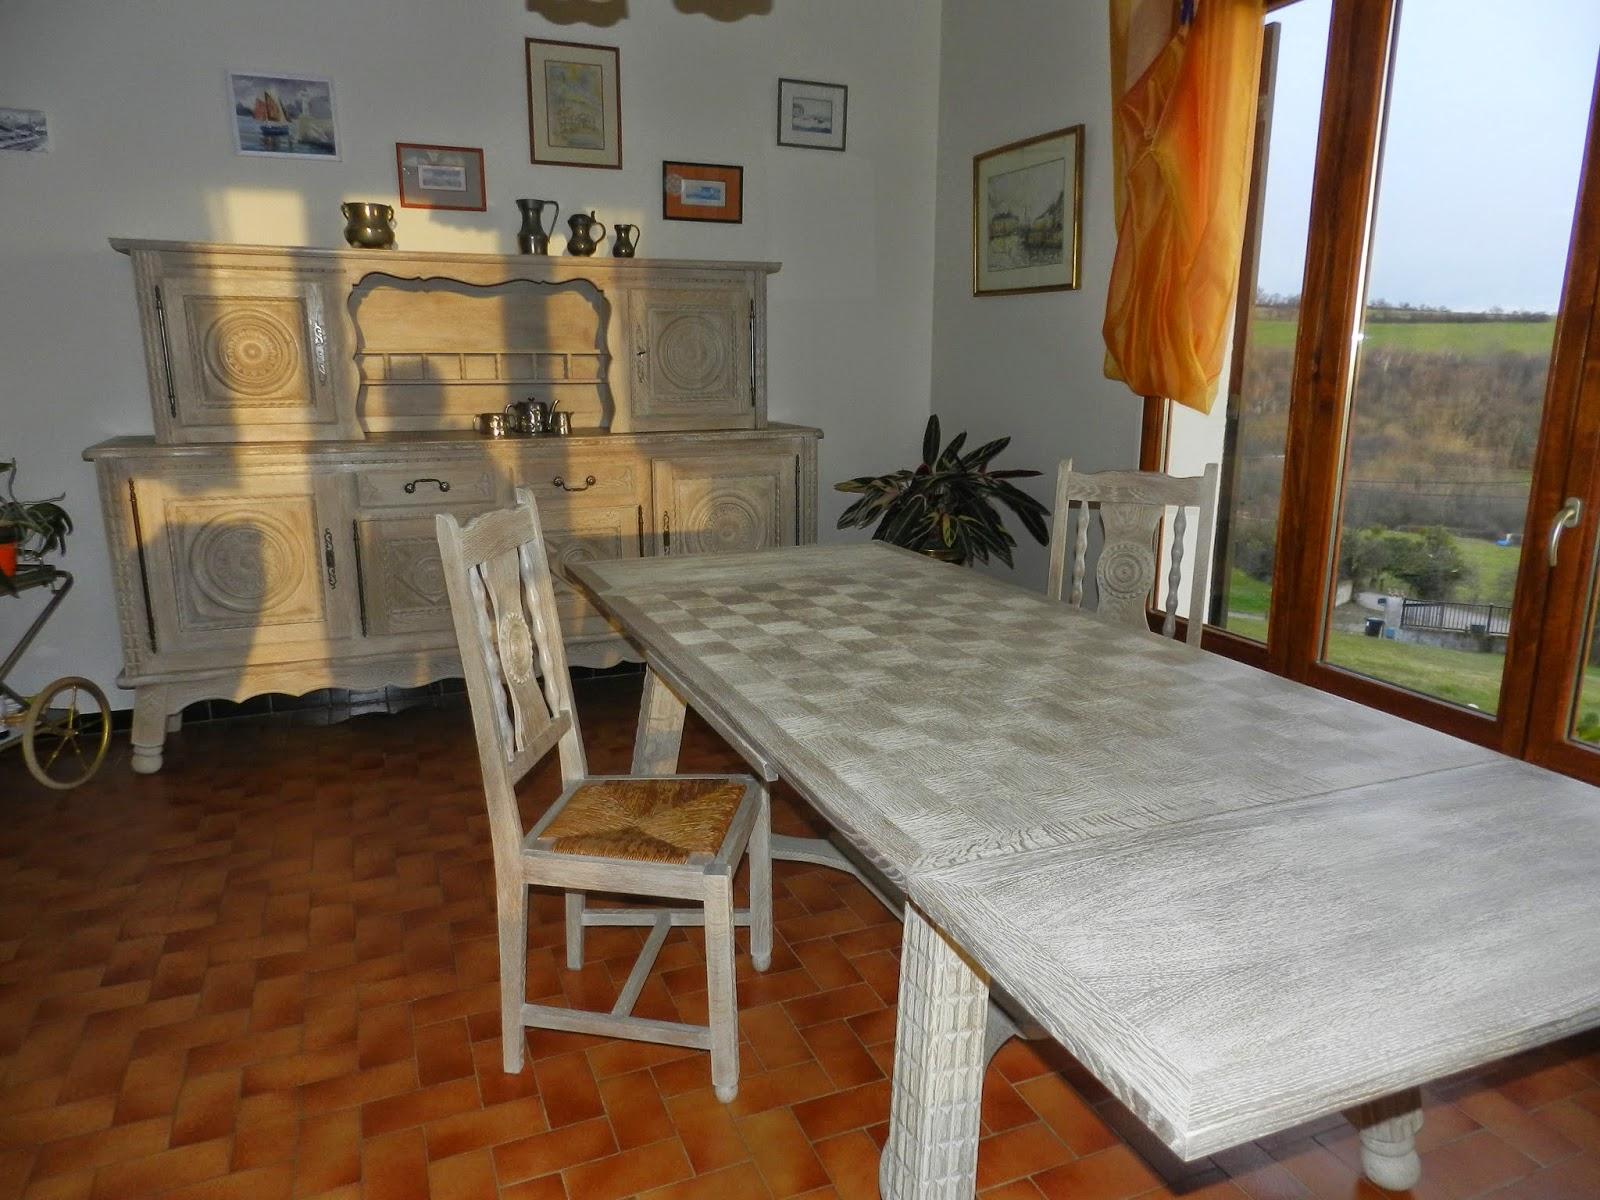 La sourigolote salle manger de type basque for Salle a manger style basque